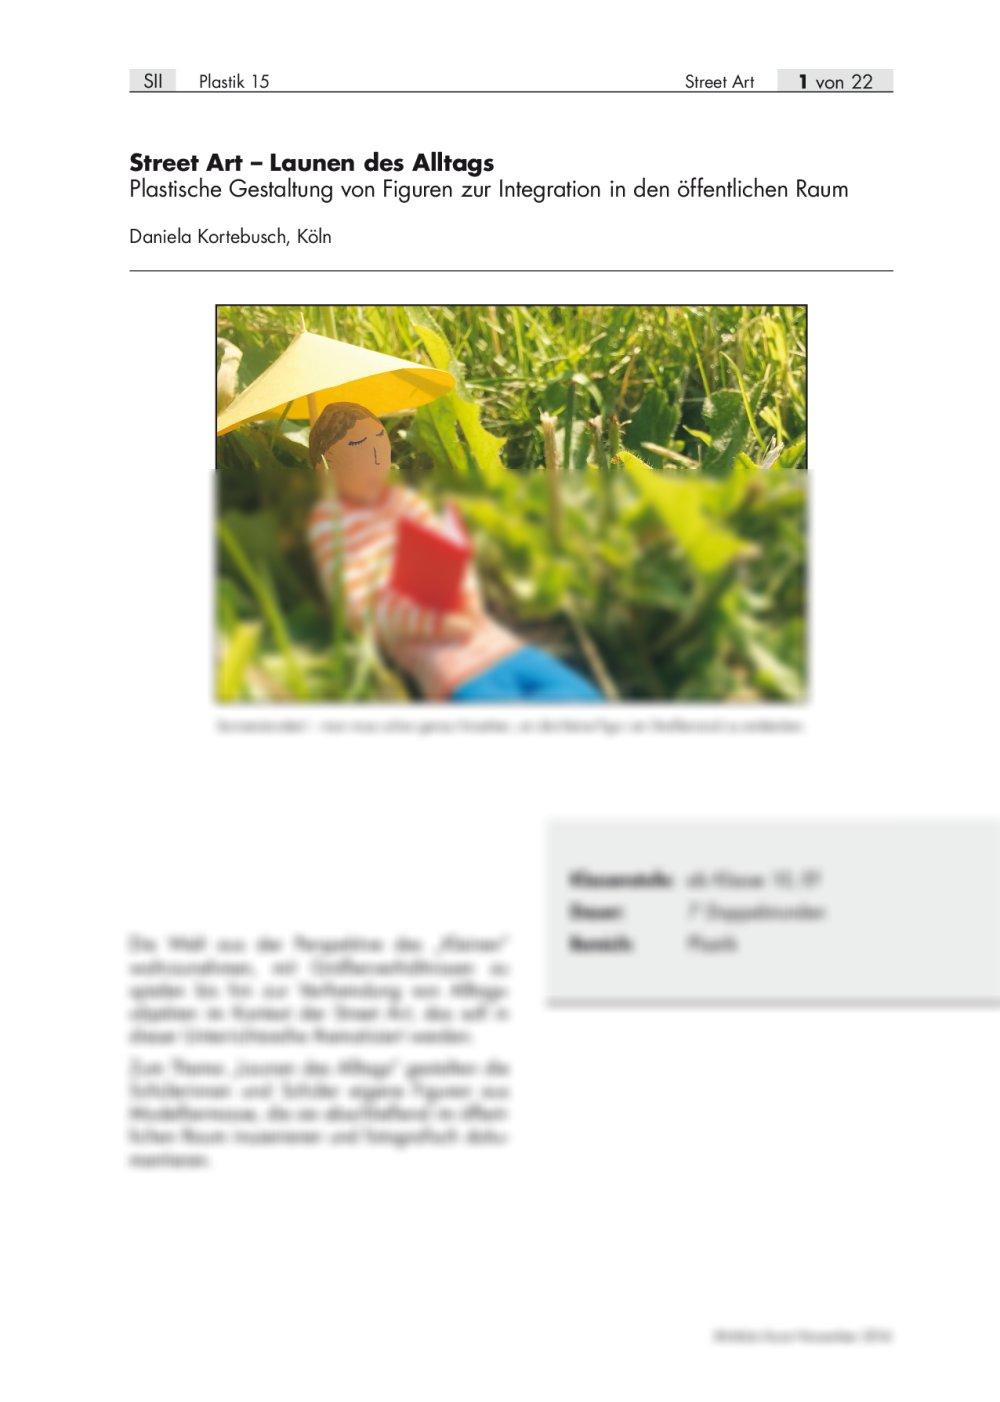 Plastische Gestaltung von Figuren zur Integration in den öffentlichen Raum - Seite 1